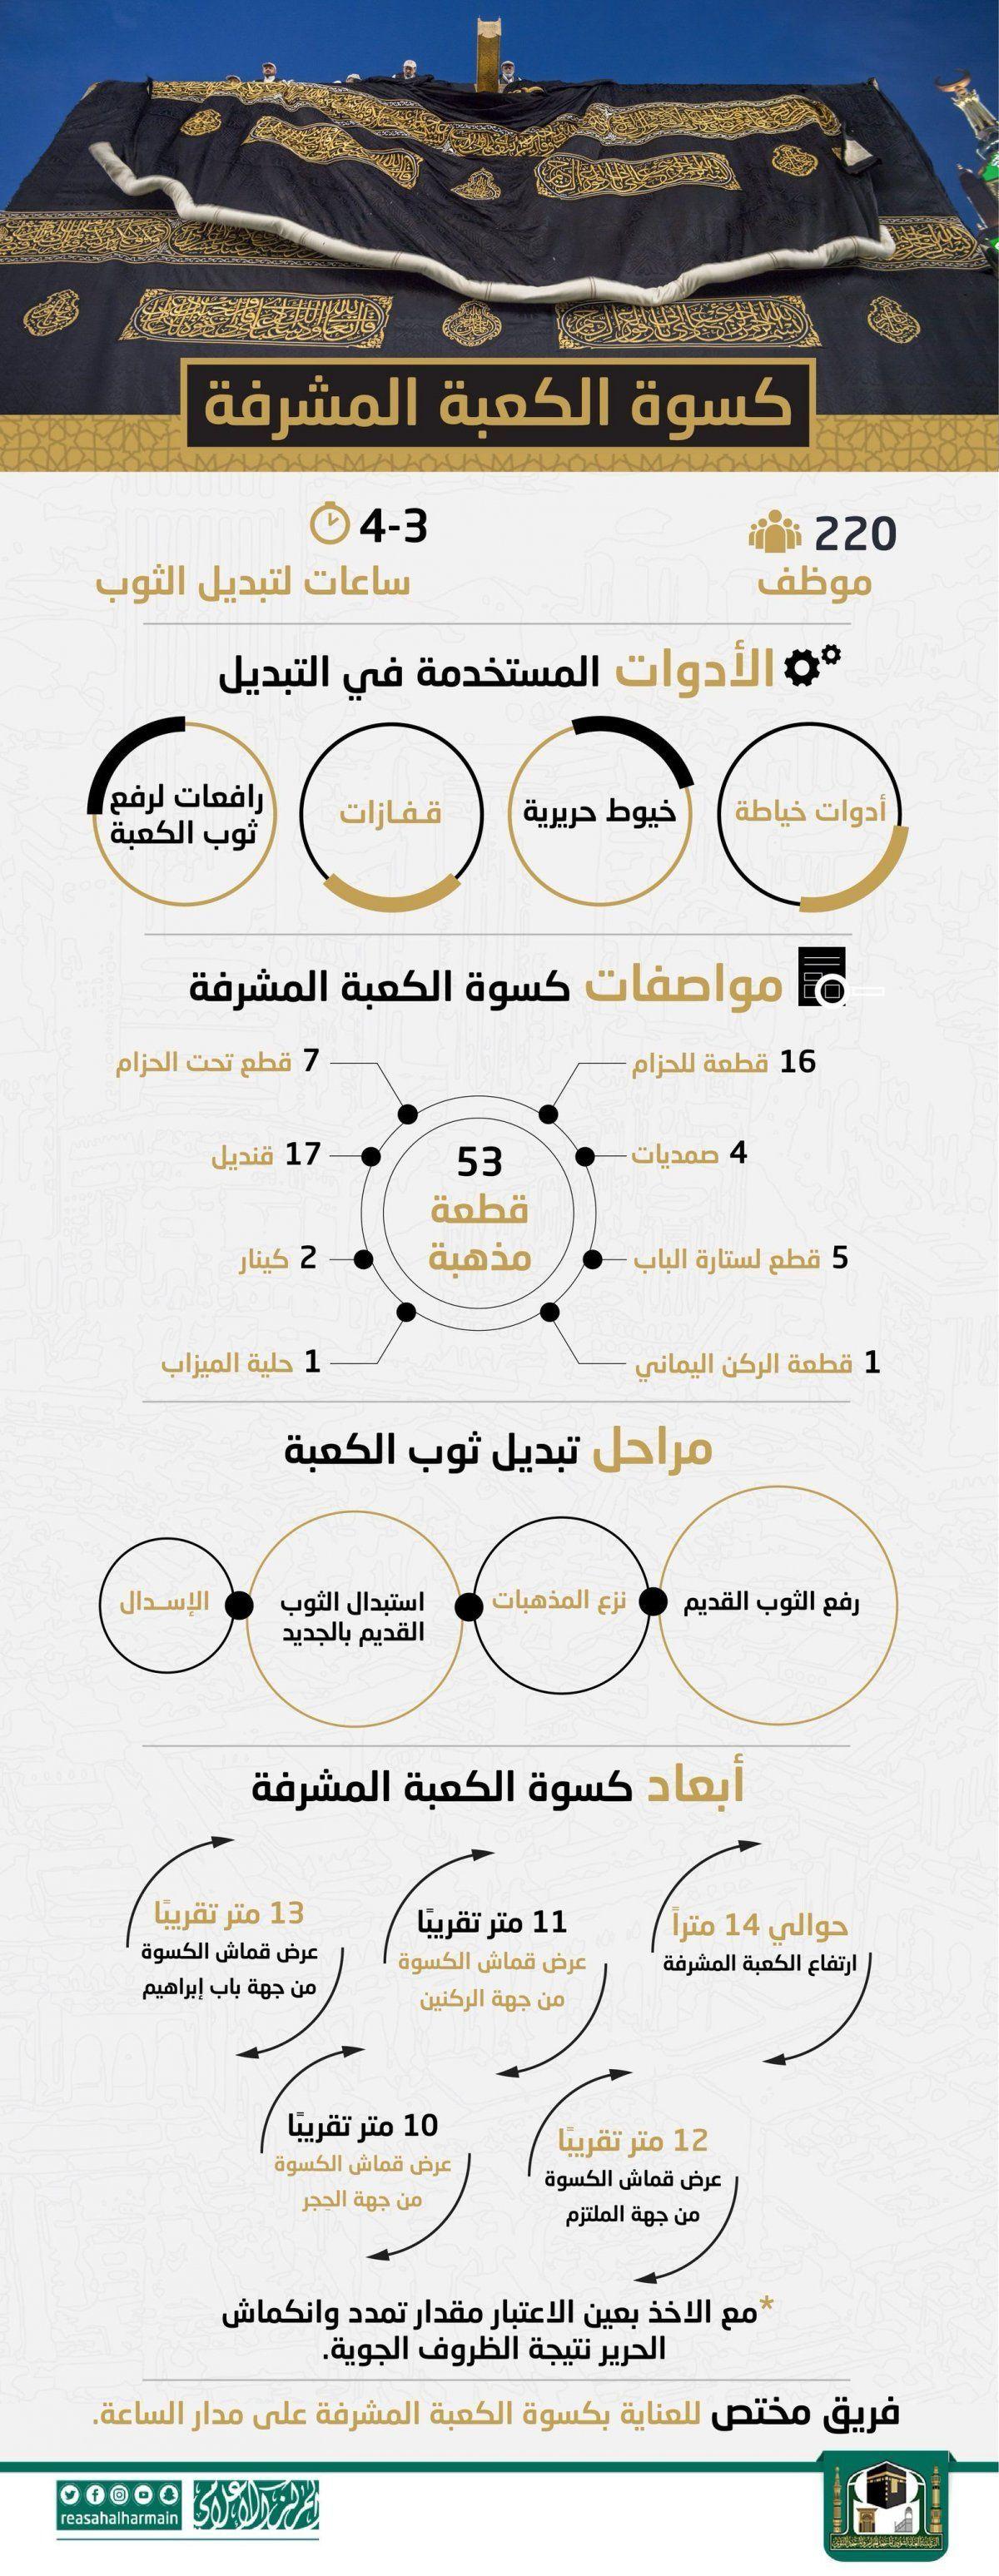 معلومات مهمة عن كسوة الكعبة المشرفة في مكة المكرمة الحج السعودية انفوجرافيك انفوجرافيك عربي Inspirational Wallpapers Islam Hadith Infographic